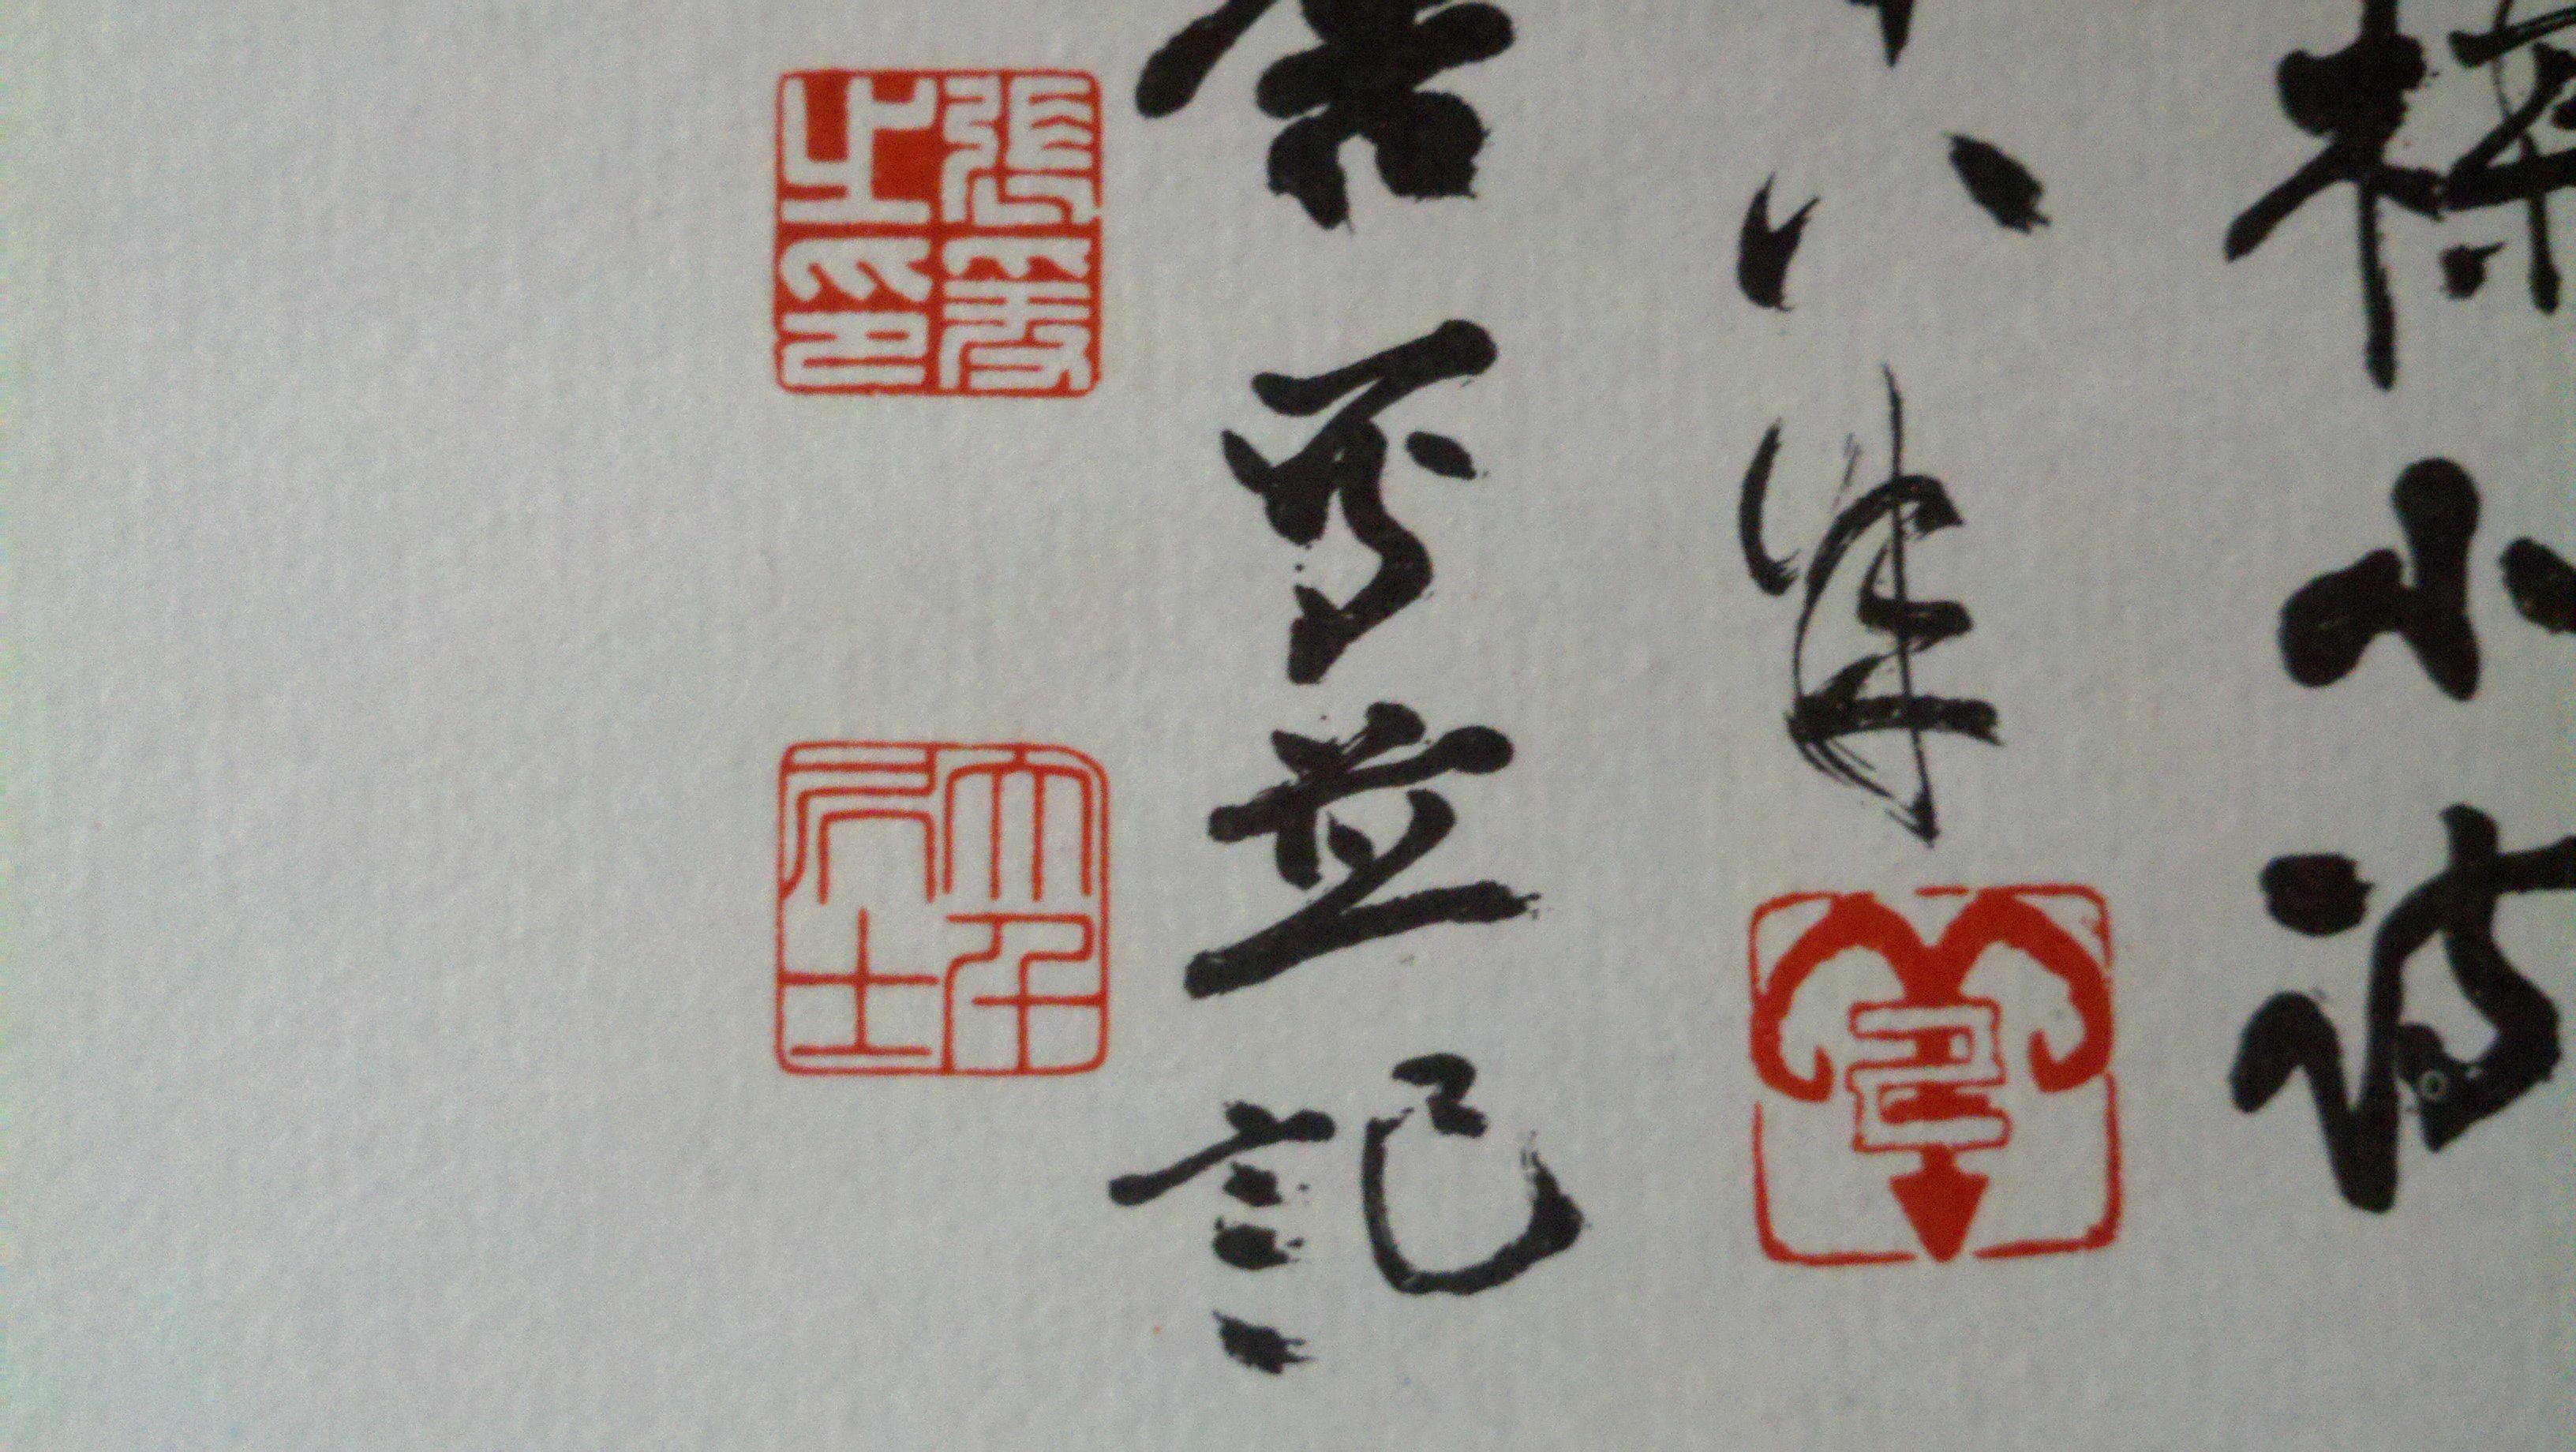 大家谁知道这是什么字,谁的落款,是把什么材质的壶?图片